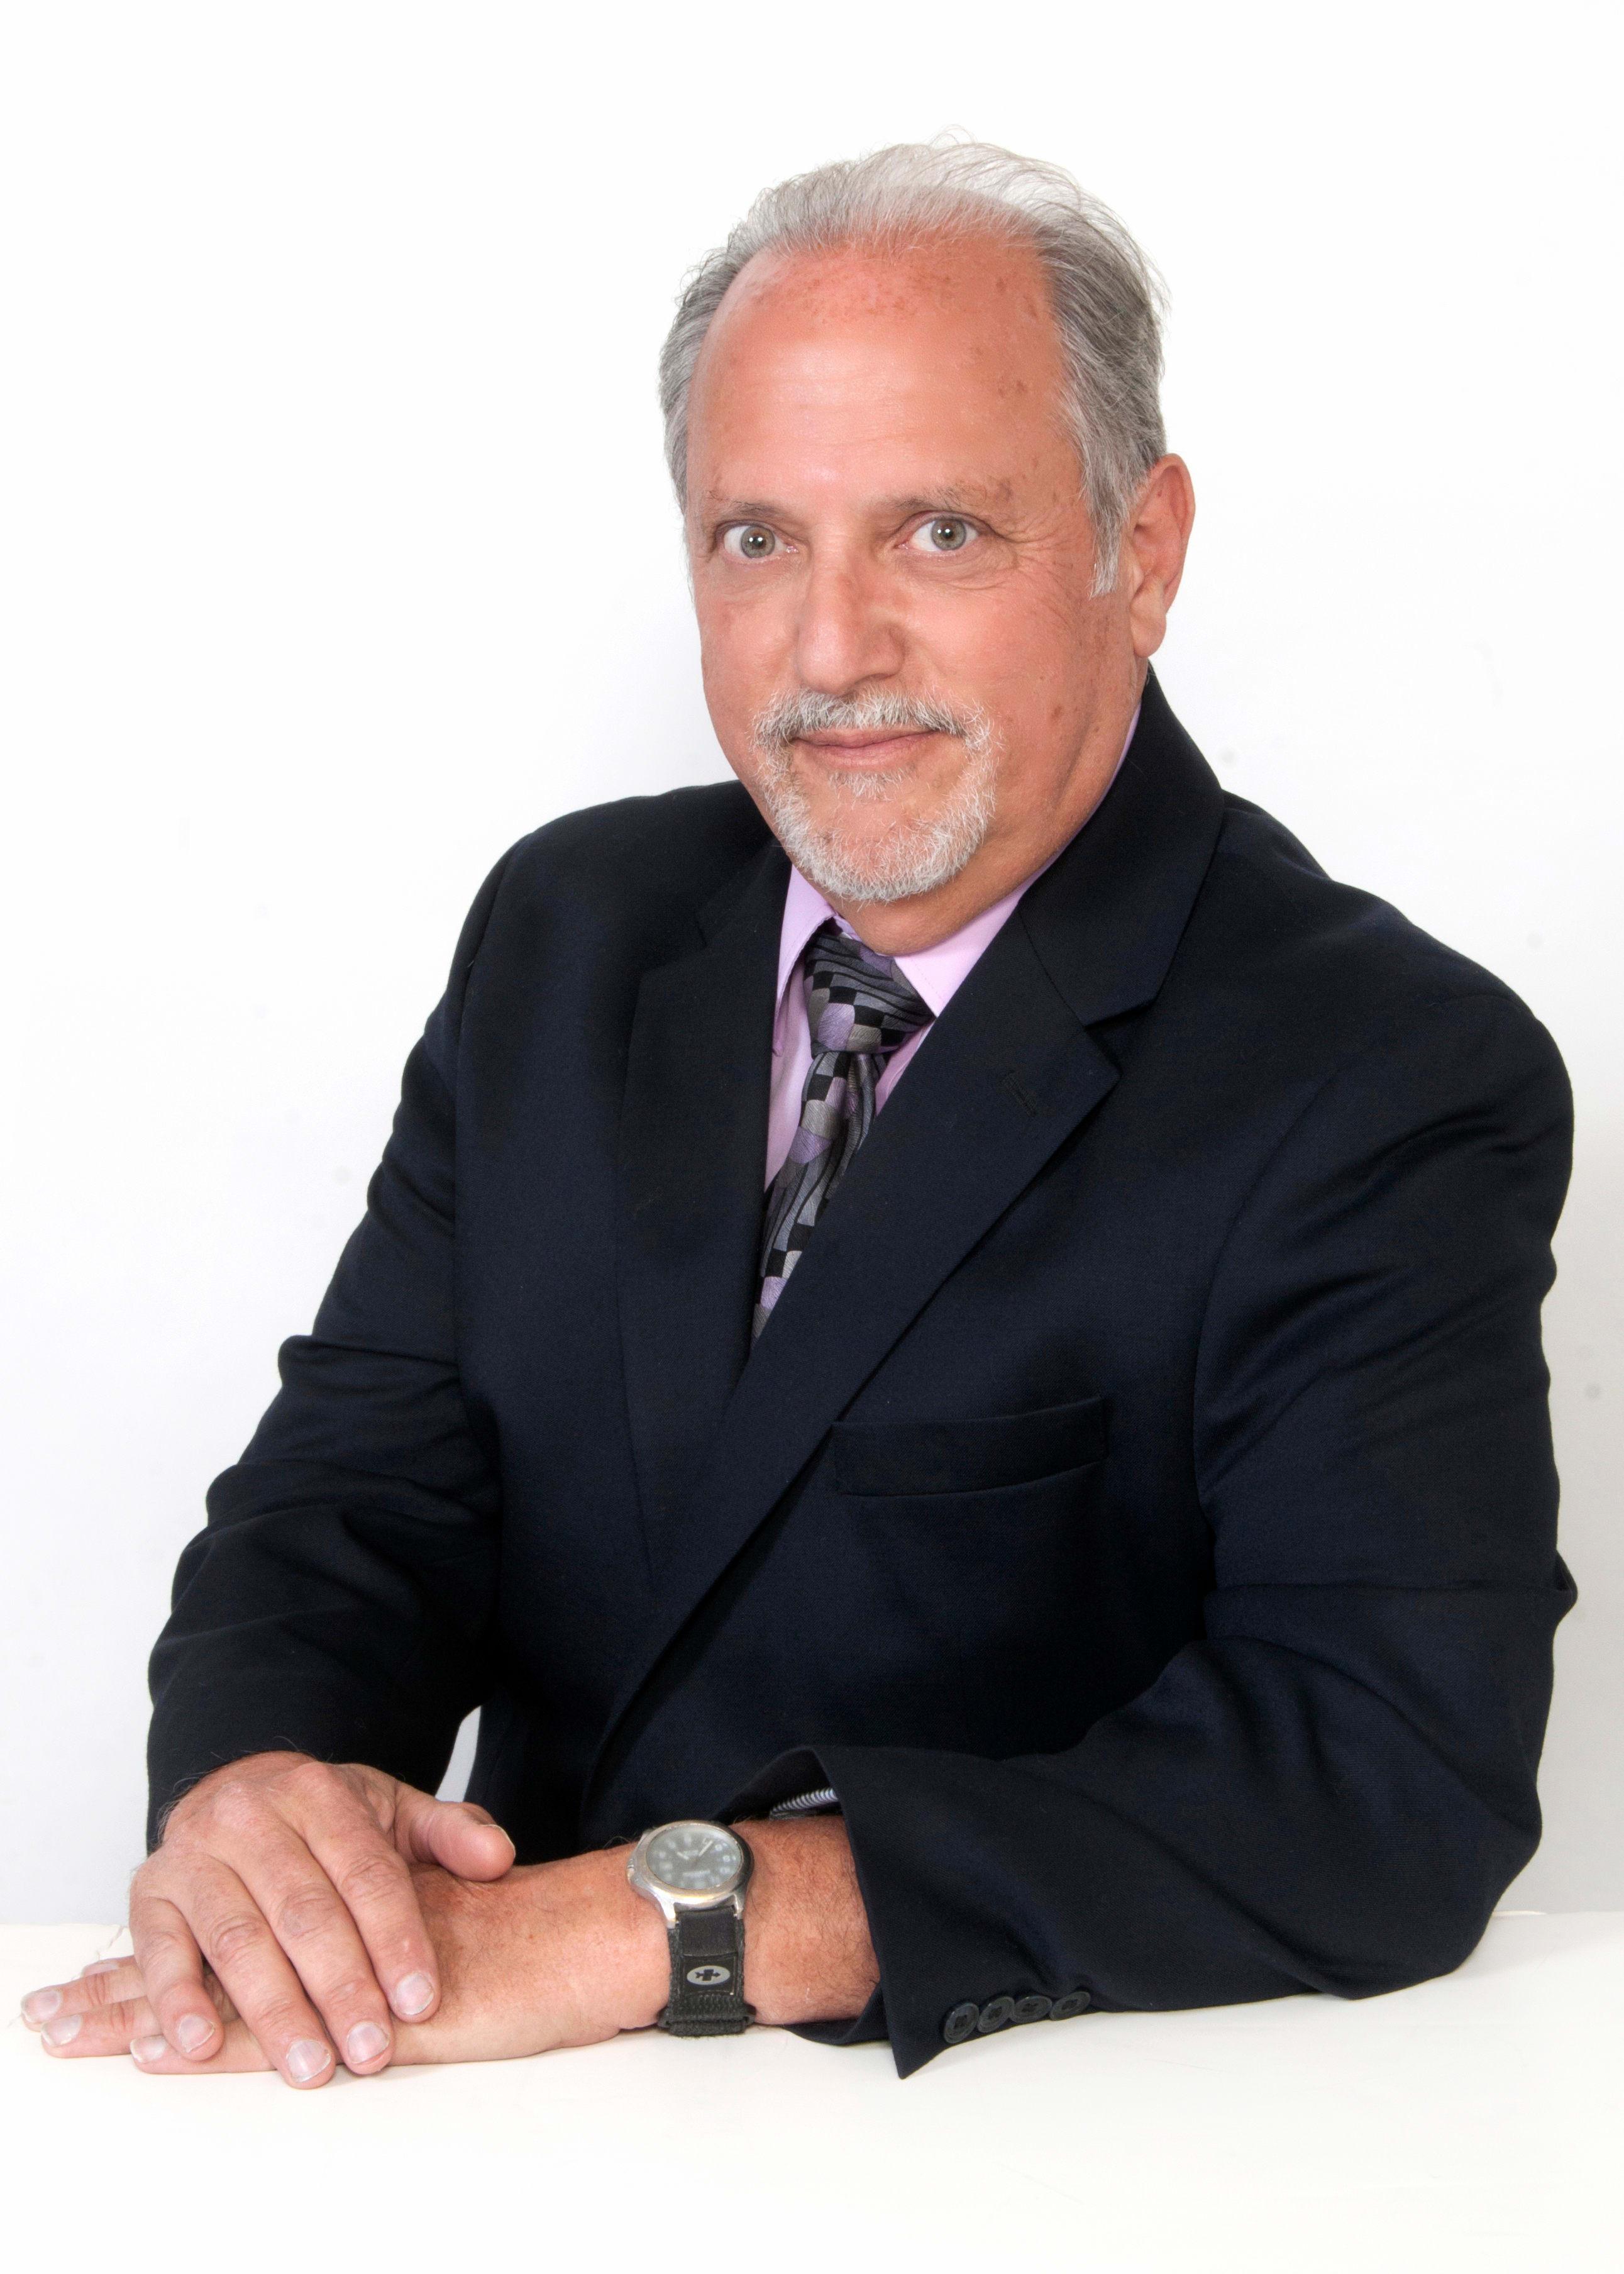 Dr. Max M Tenenbaum MD